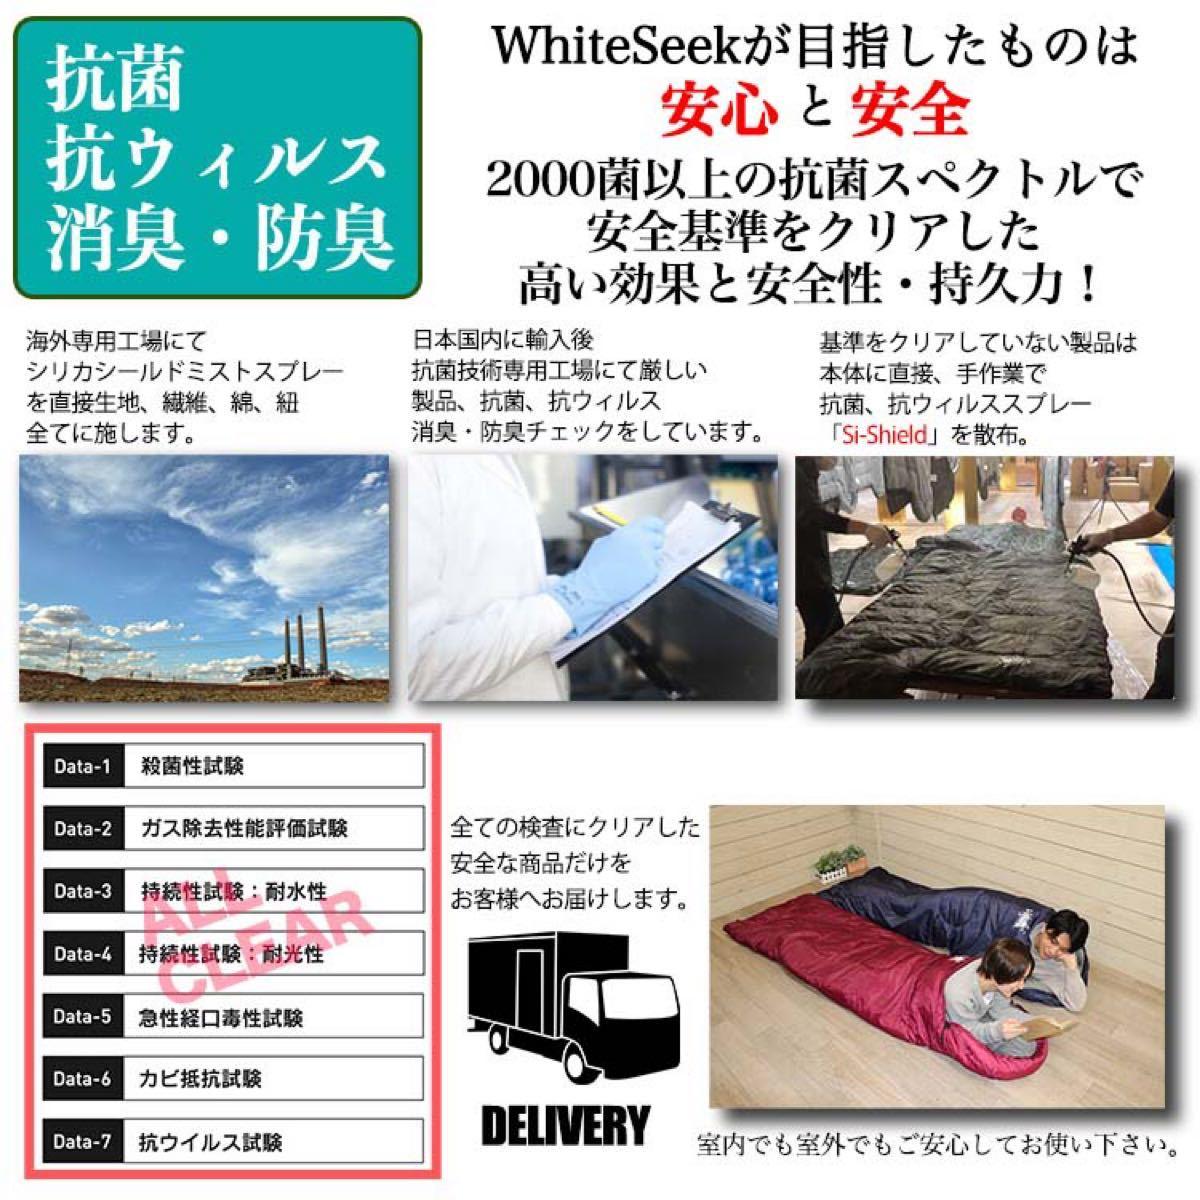 抗菌 抗ウィルス 消臭 防臭 寝袋 シュラフ 封筒型 快適 1500 アウトドア 防災 Si-Shield WhiteSeek